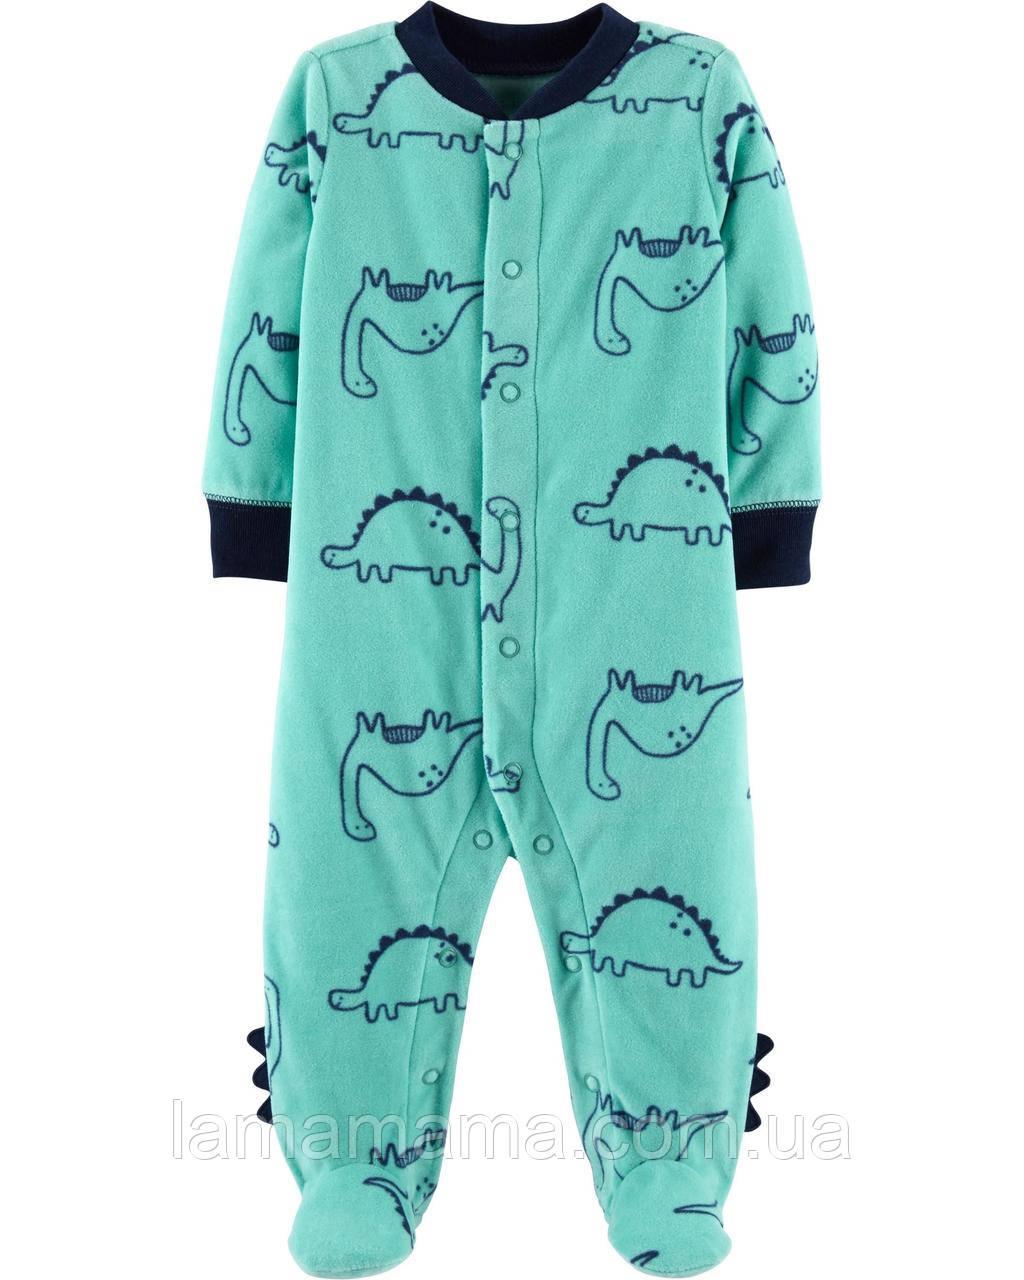 Флисовый слип человечек Дино Картерс Carter's Dinosaur Snap-Up Fleece Sleep & Play